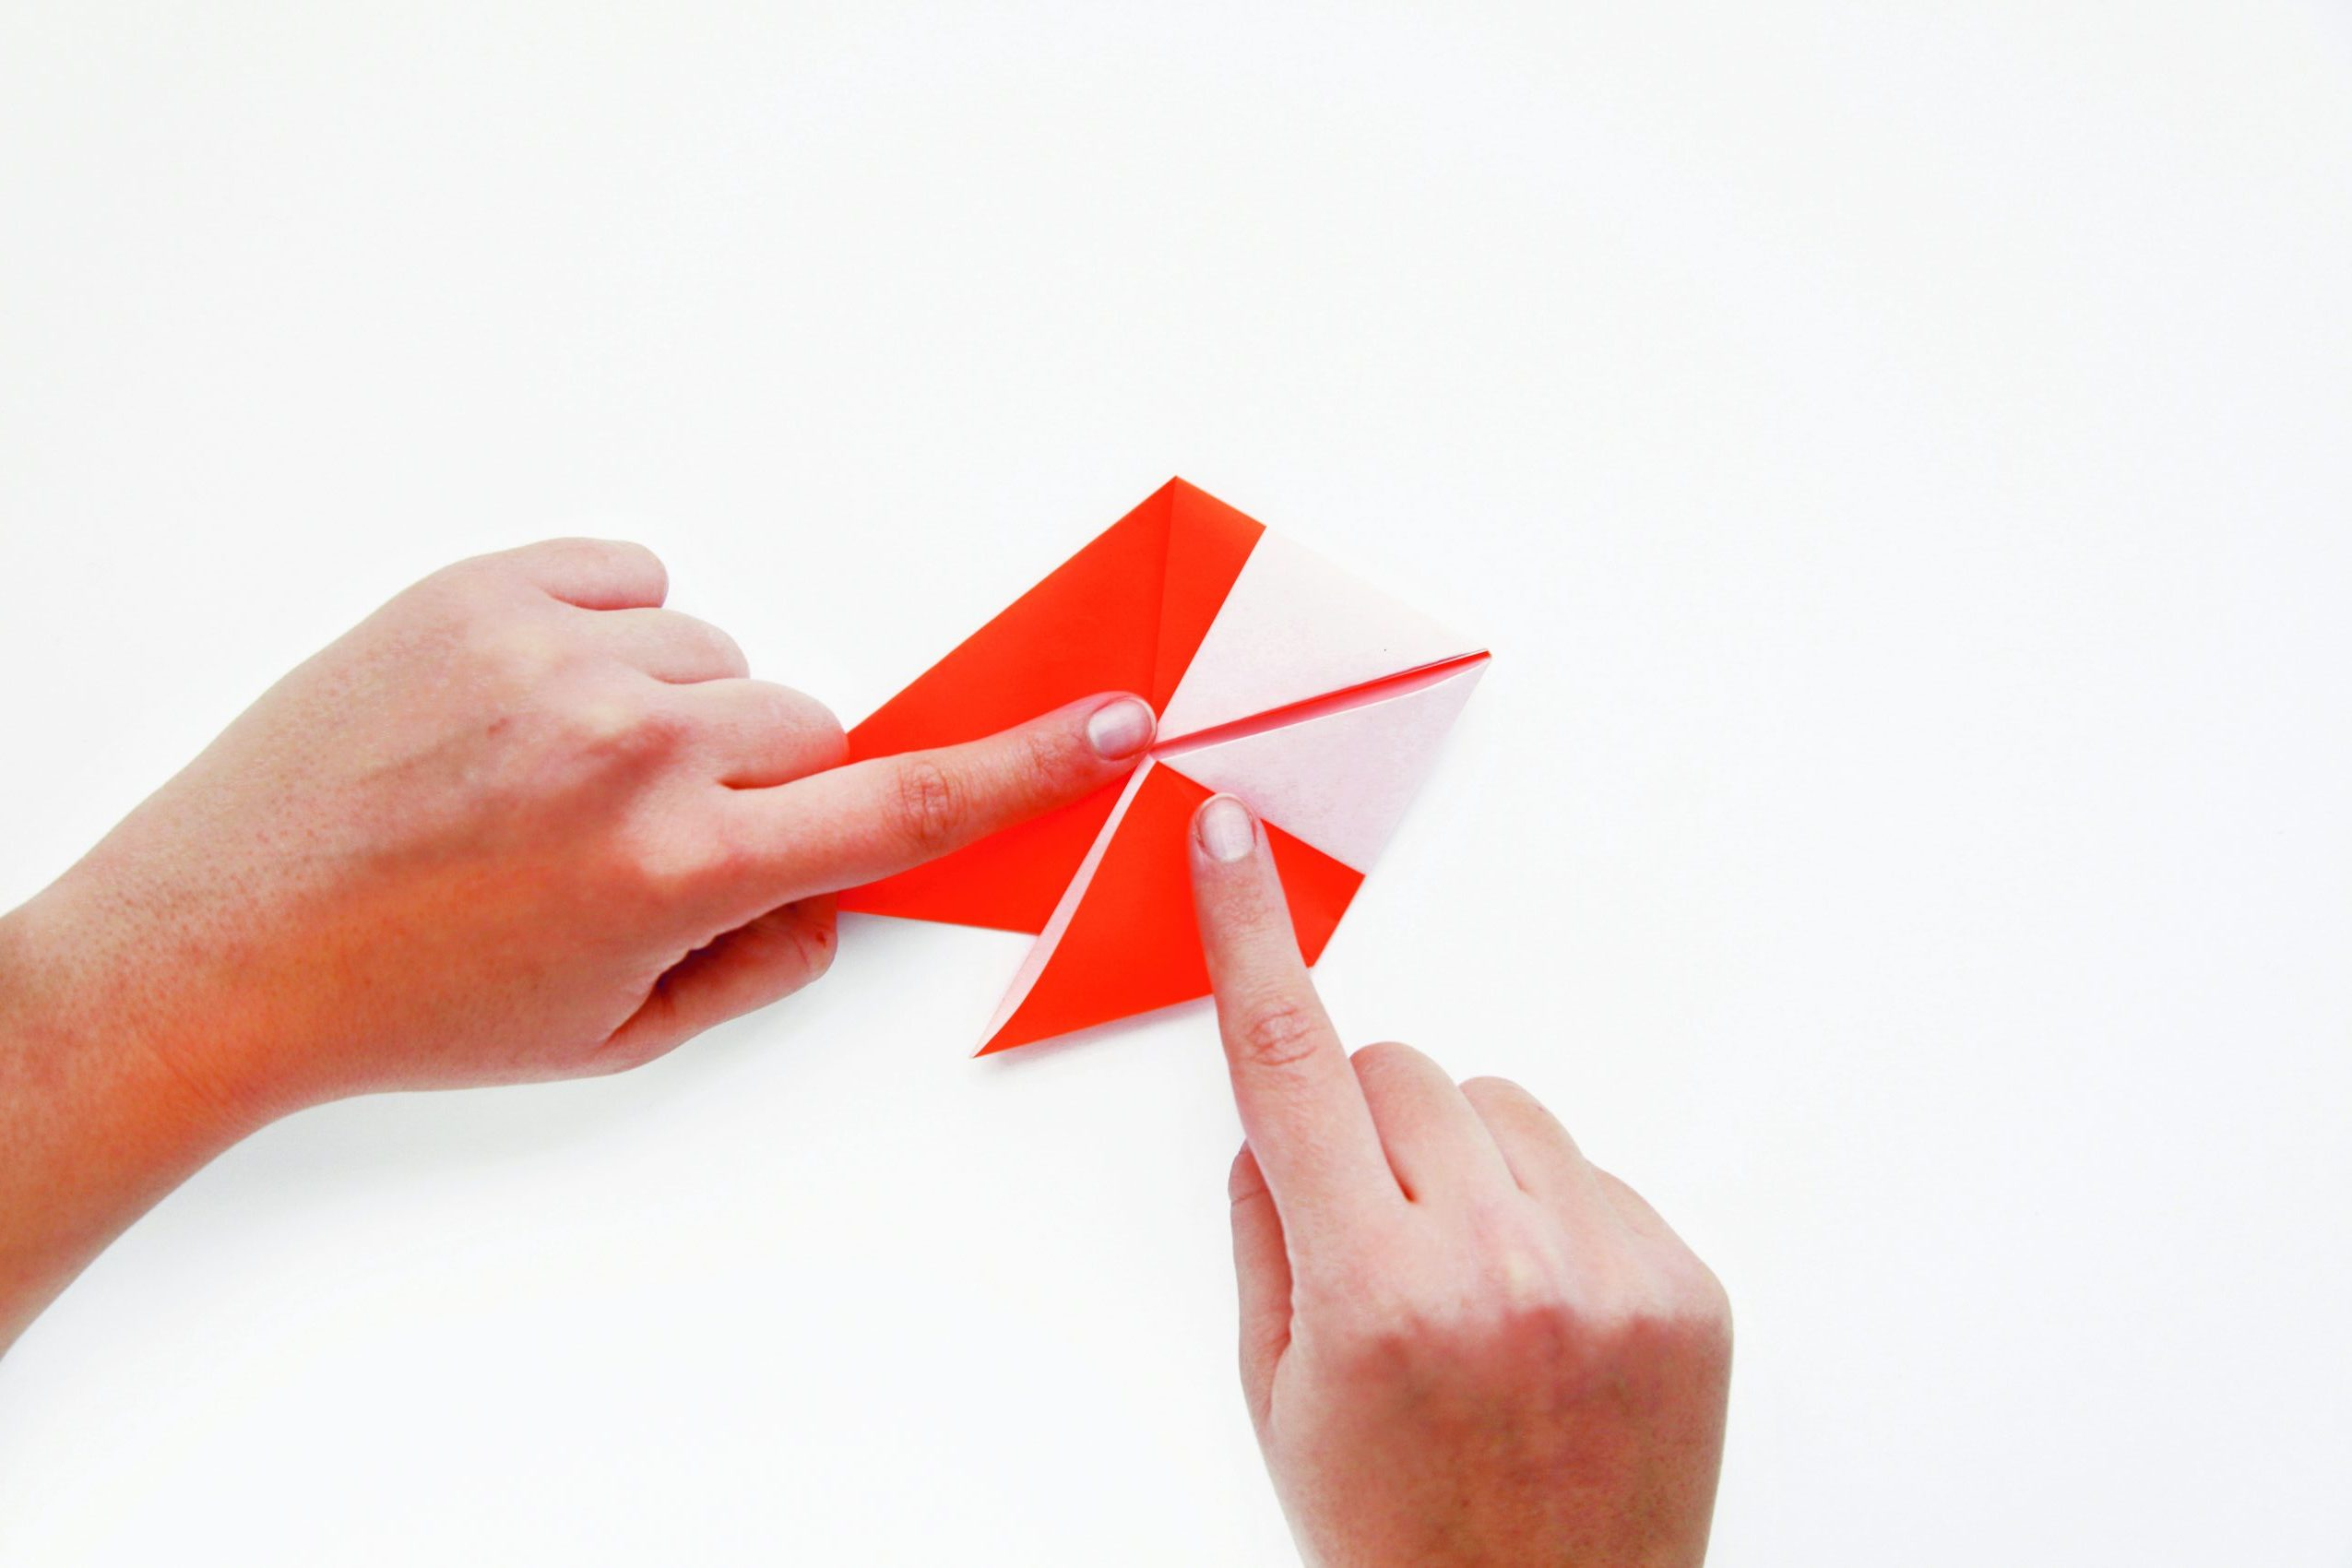 Anti-vervelingsplan: origami